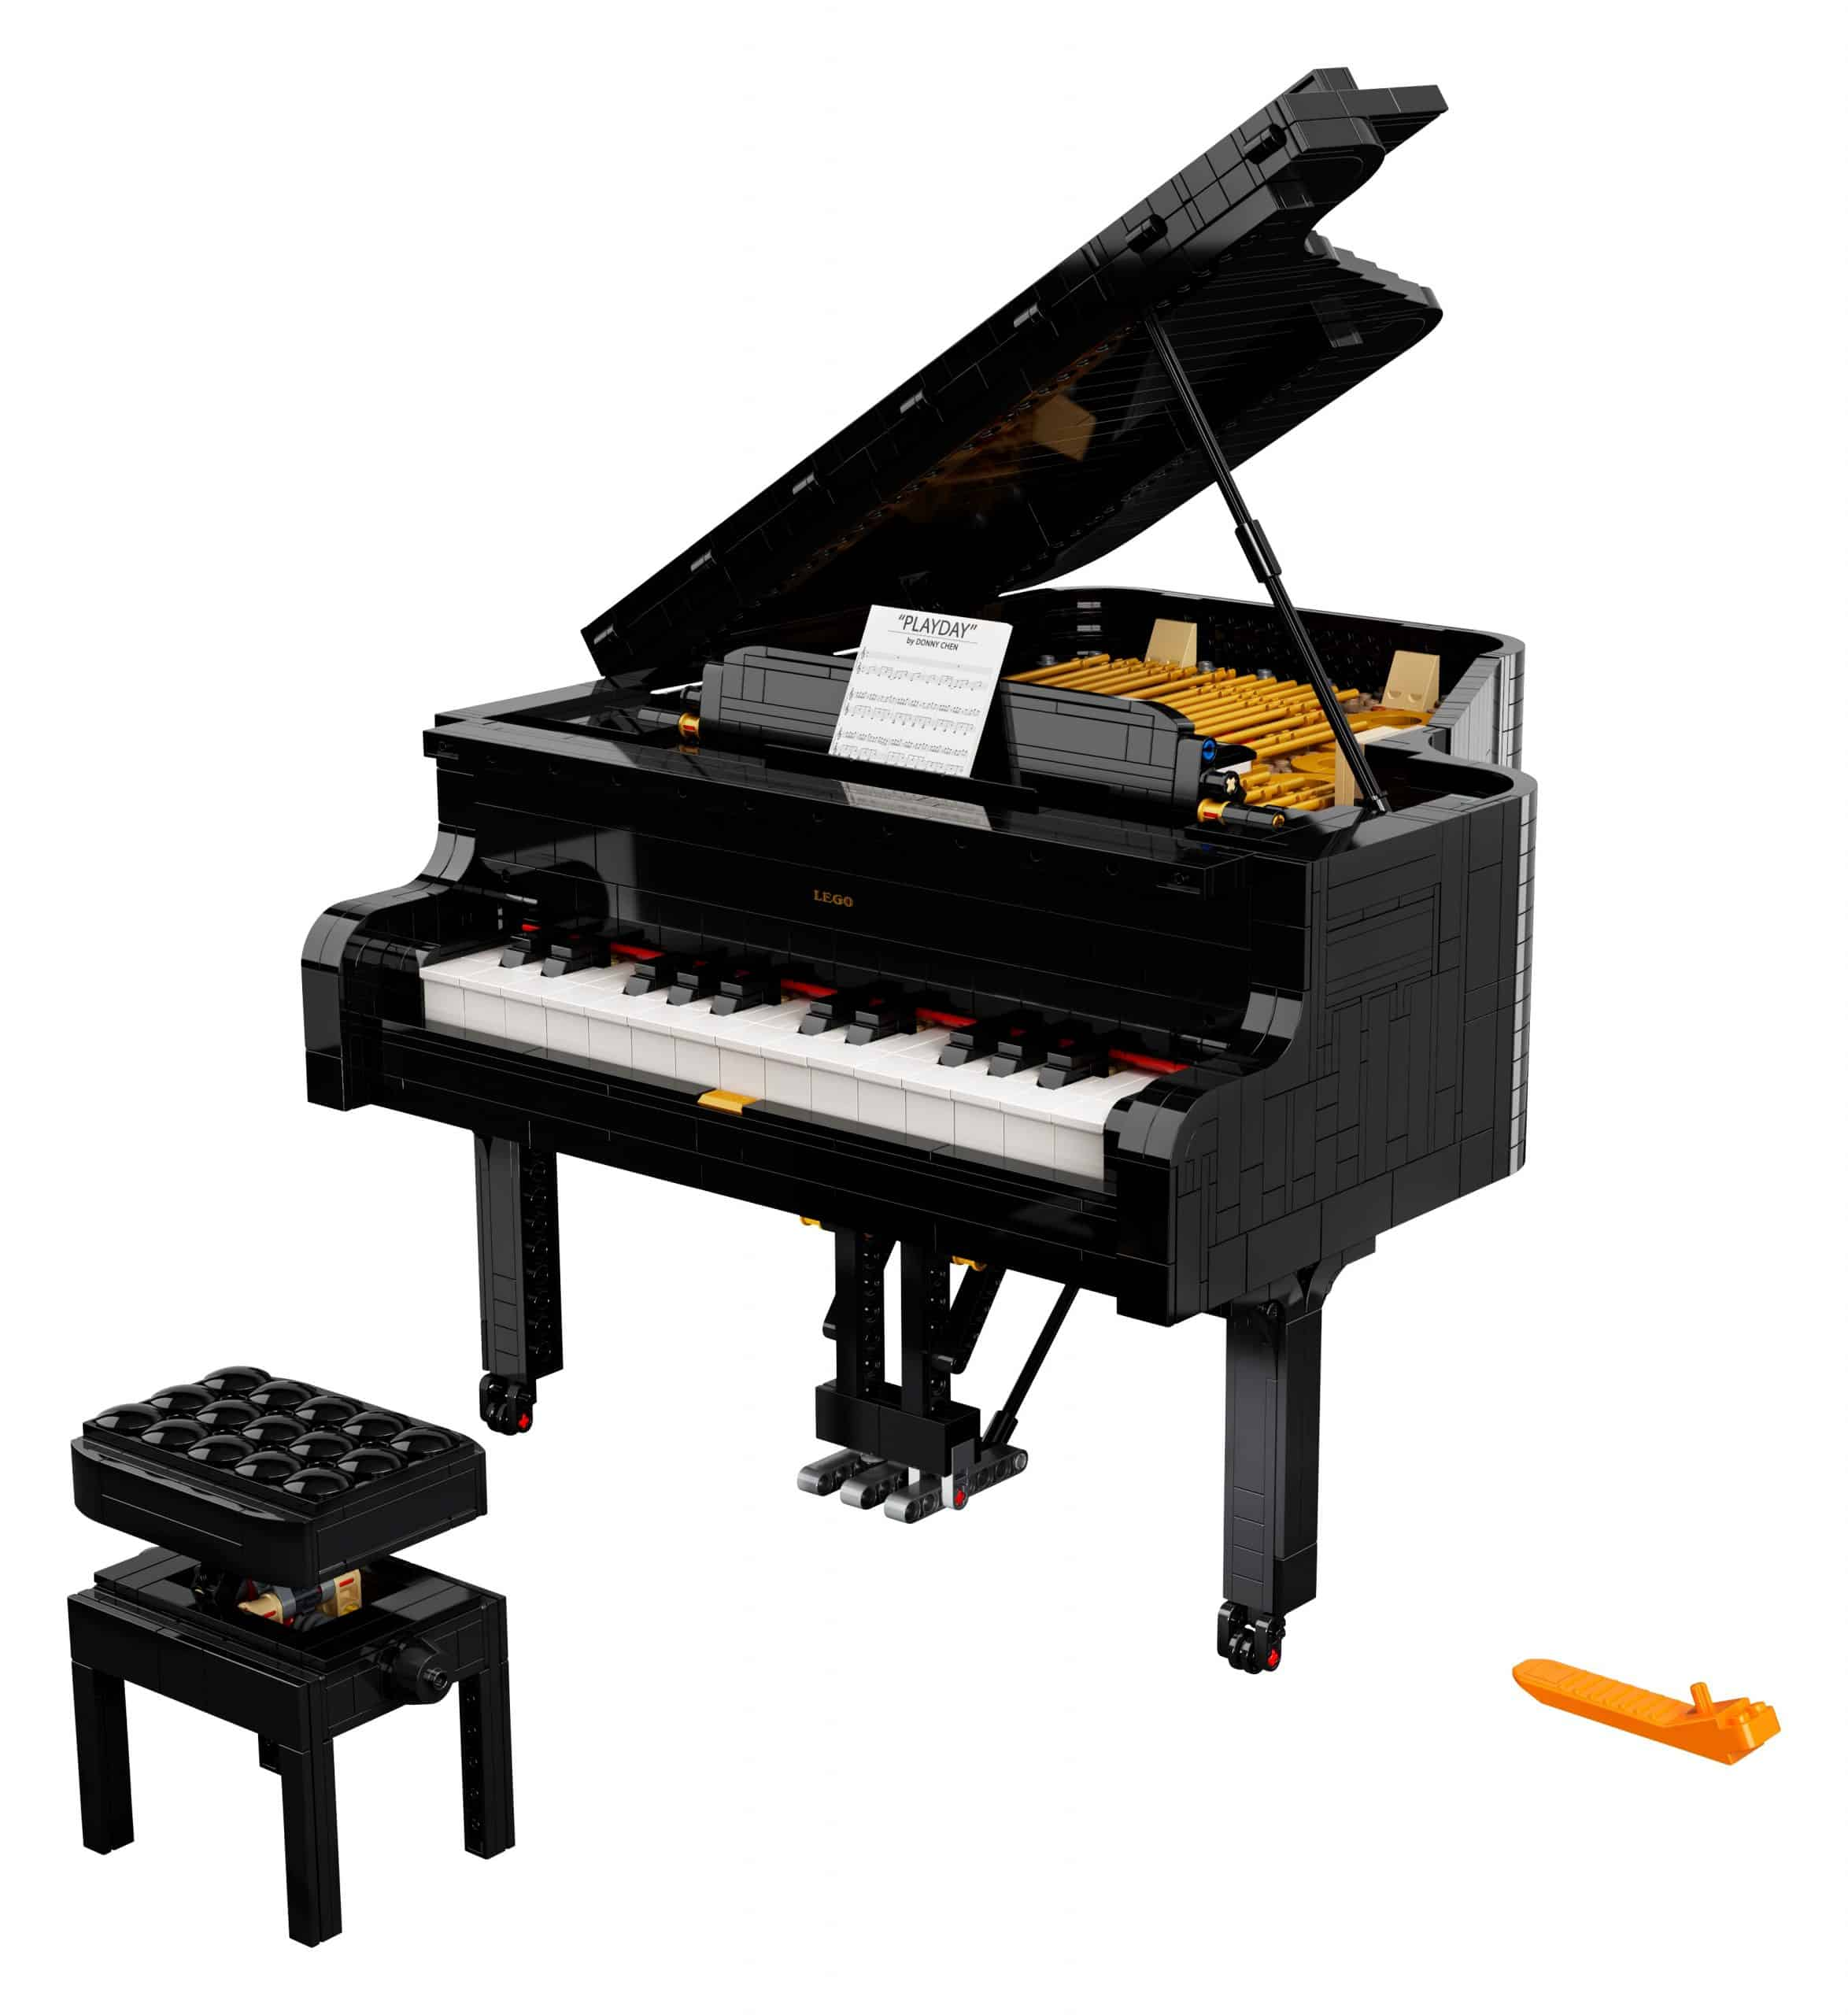 LEGO Grand Piano 21323